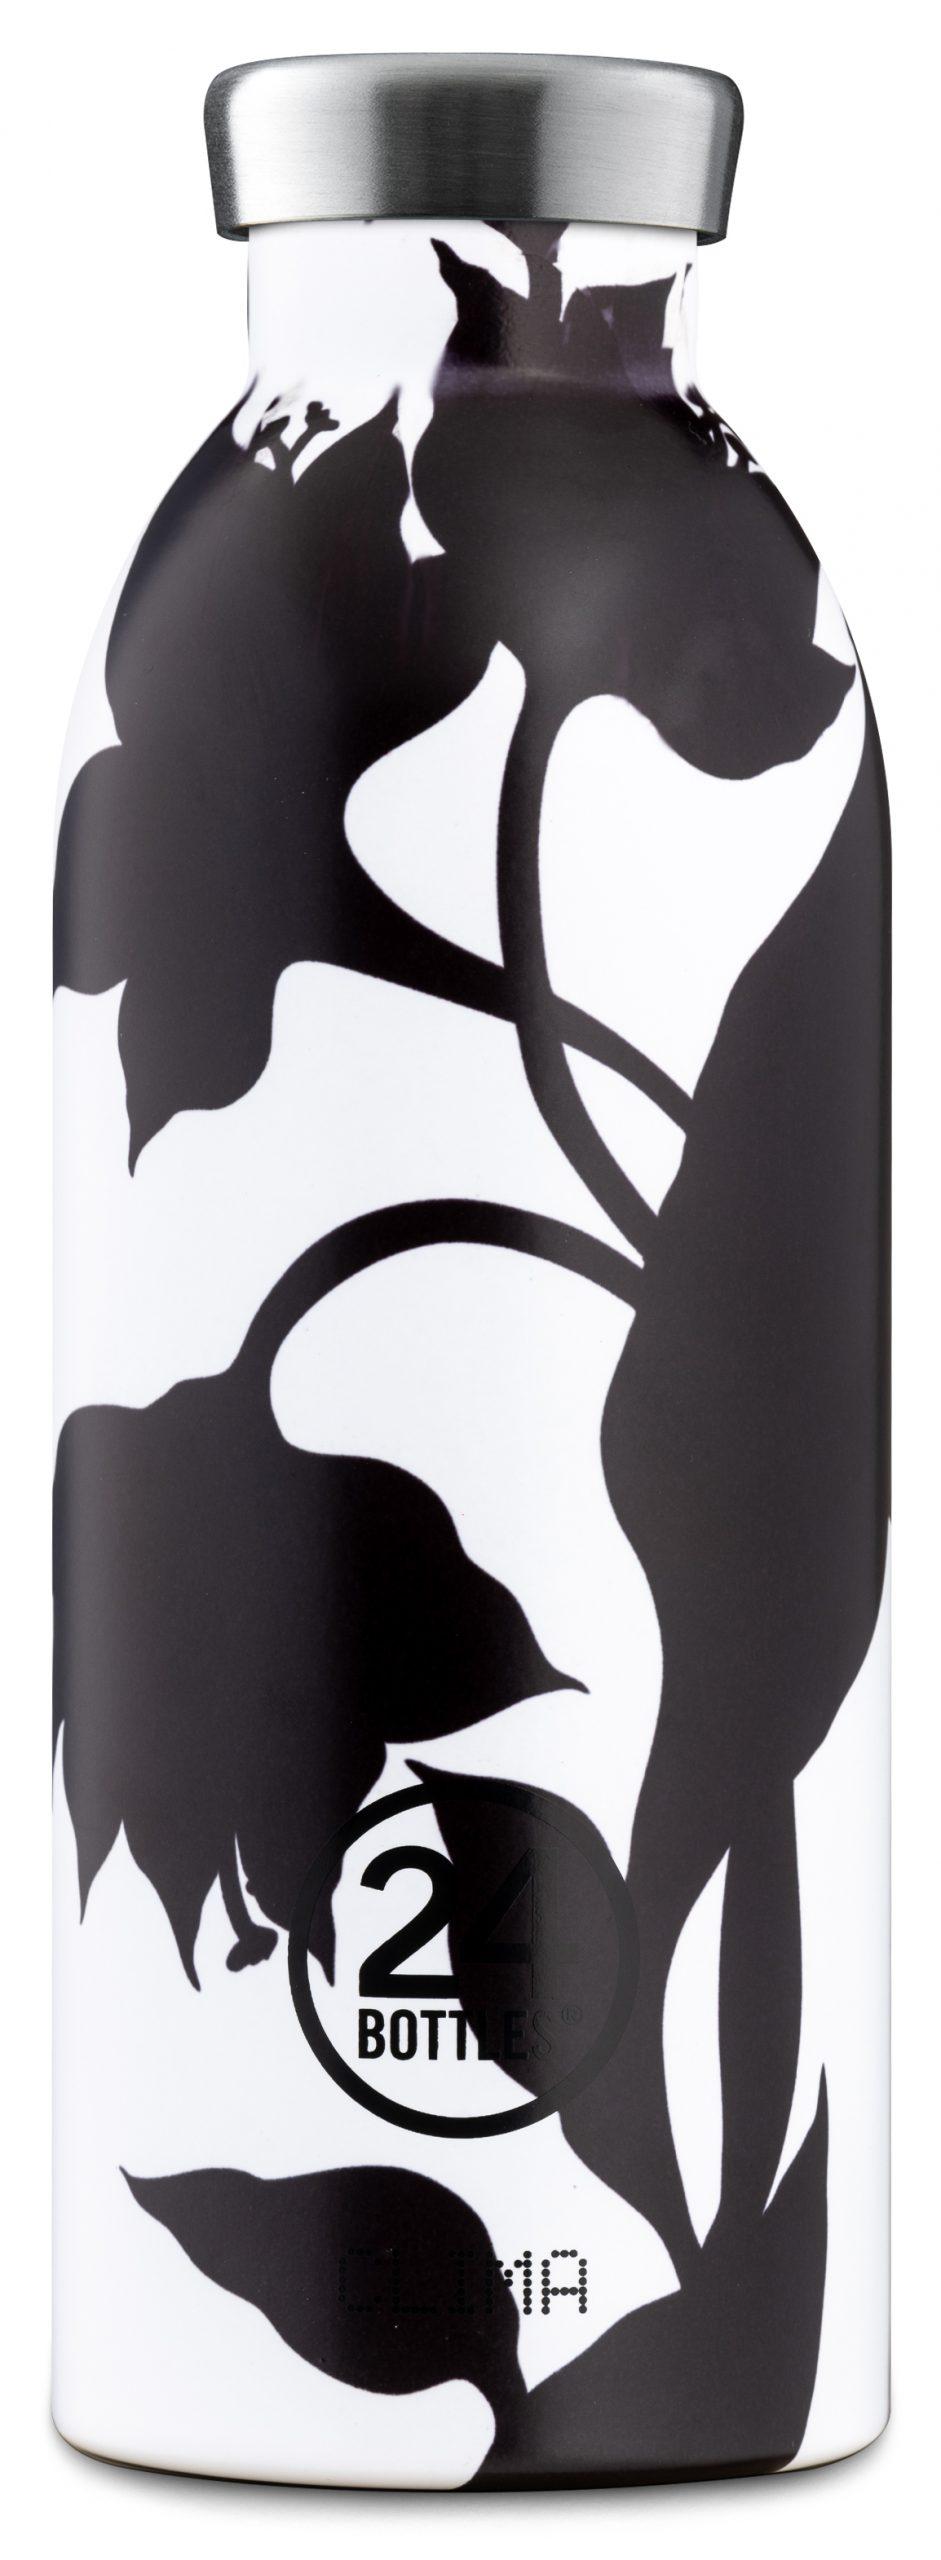 24bottles® Clima Bottle 500ml – Black Dahlia